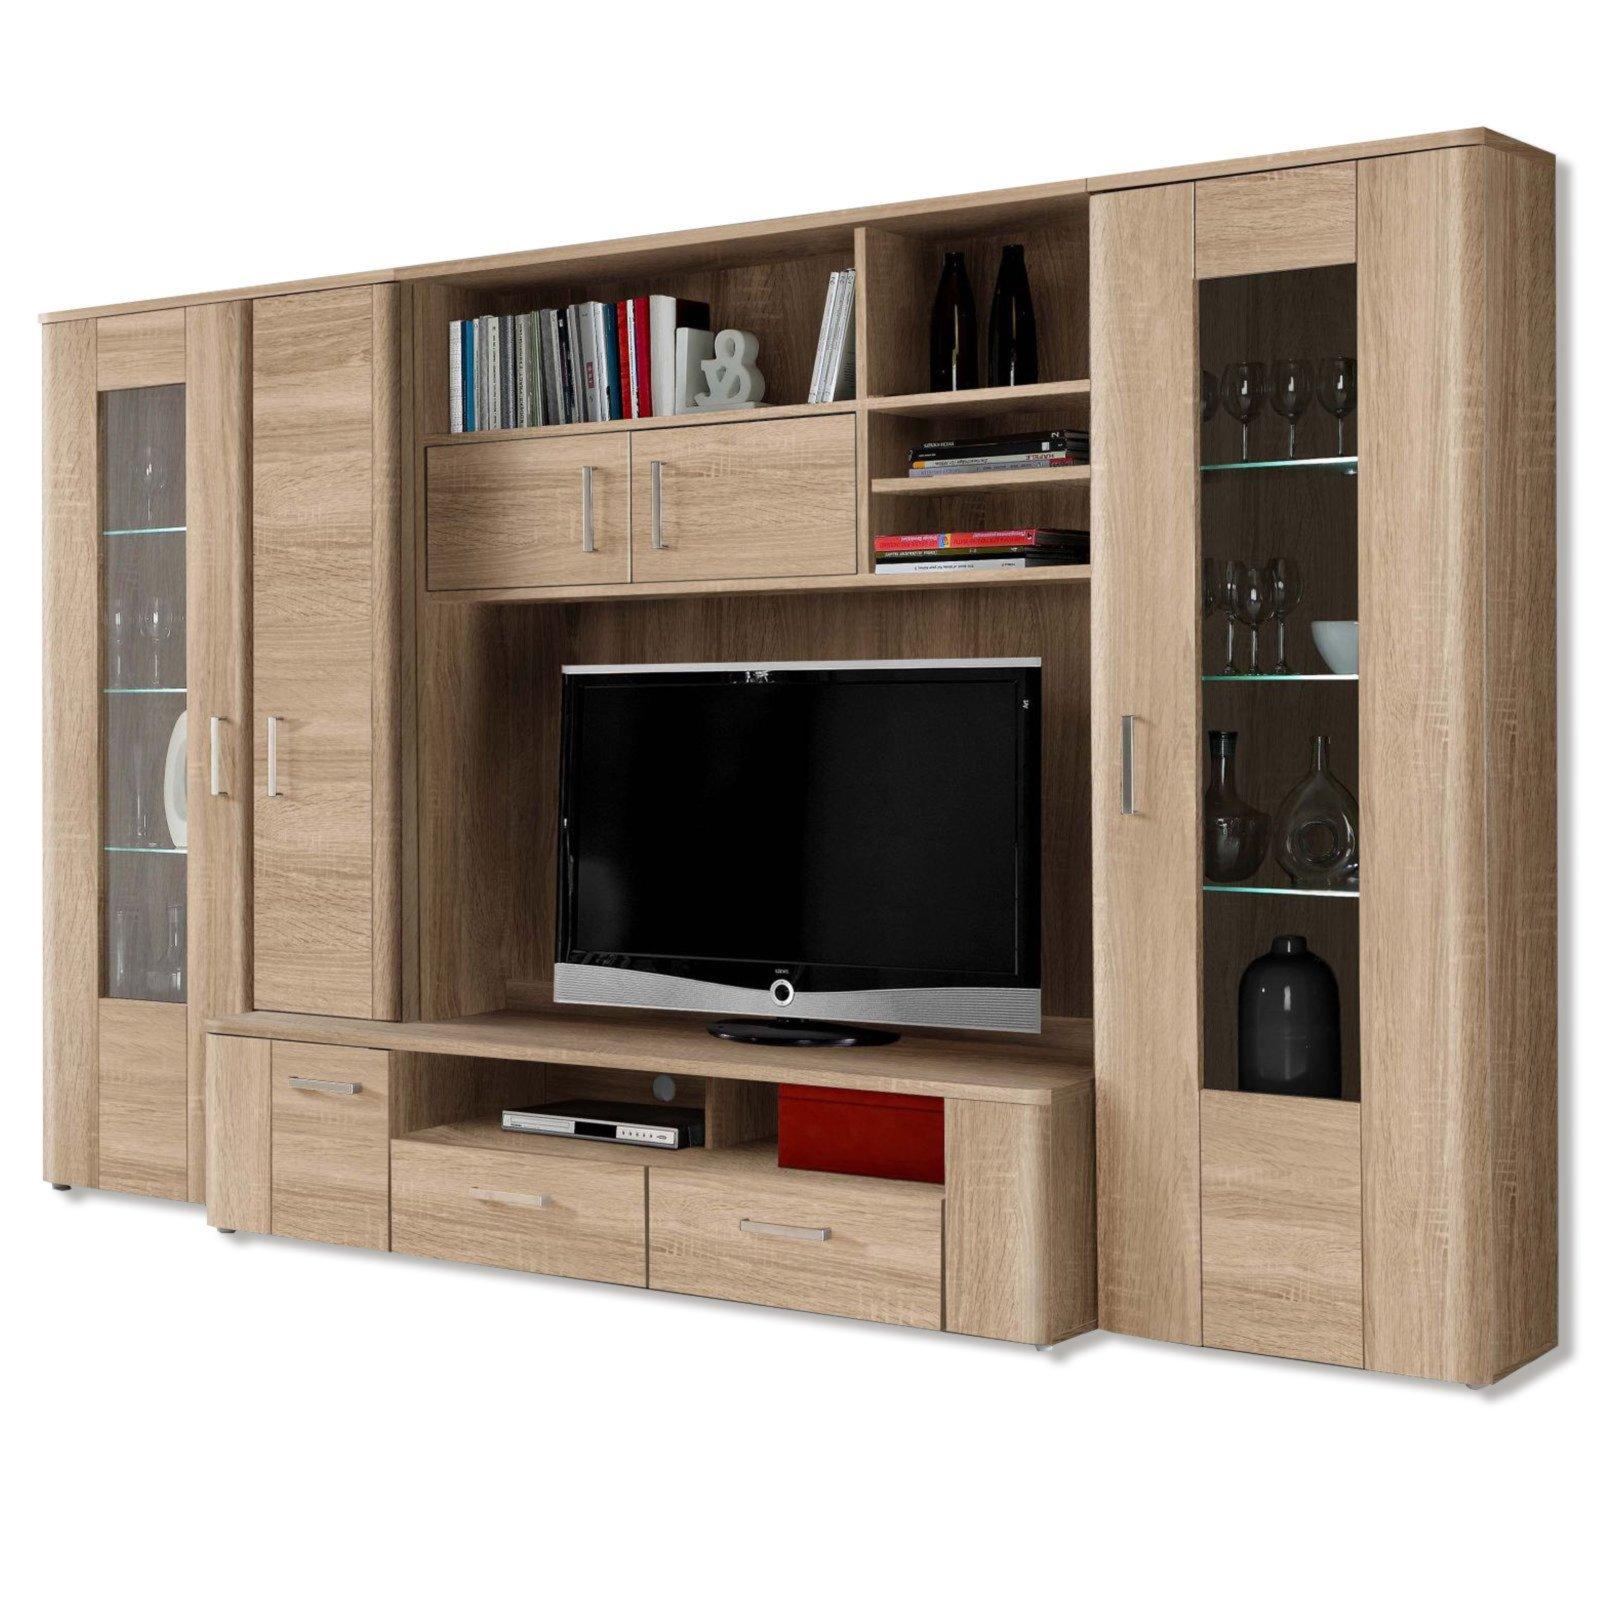 roller wohnwand belmondo sonoma eiche mit beleuchtung ebay. Black Bedroom Furniture Sets. Home Design Ideas